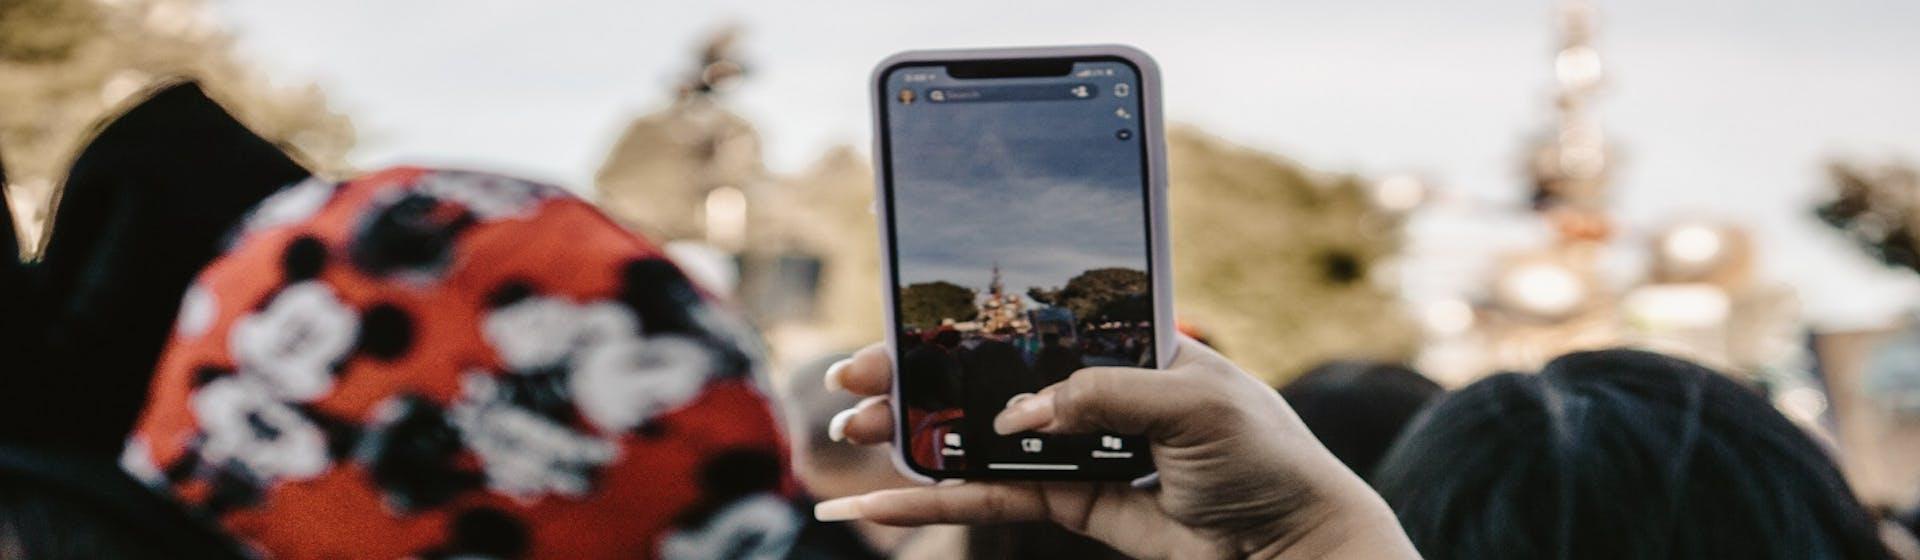 ¿Cómo eliminar fotos de la nube?: ¡El mejor tutorial que verás al respecto!